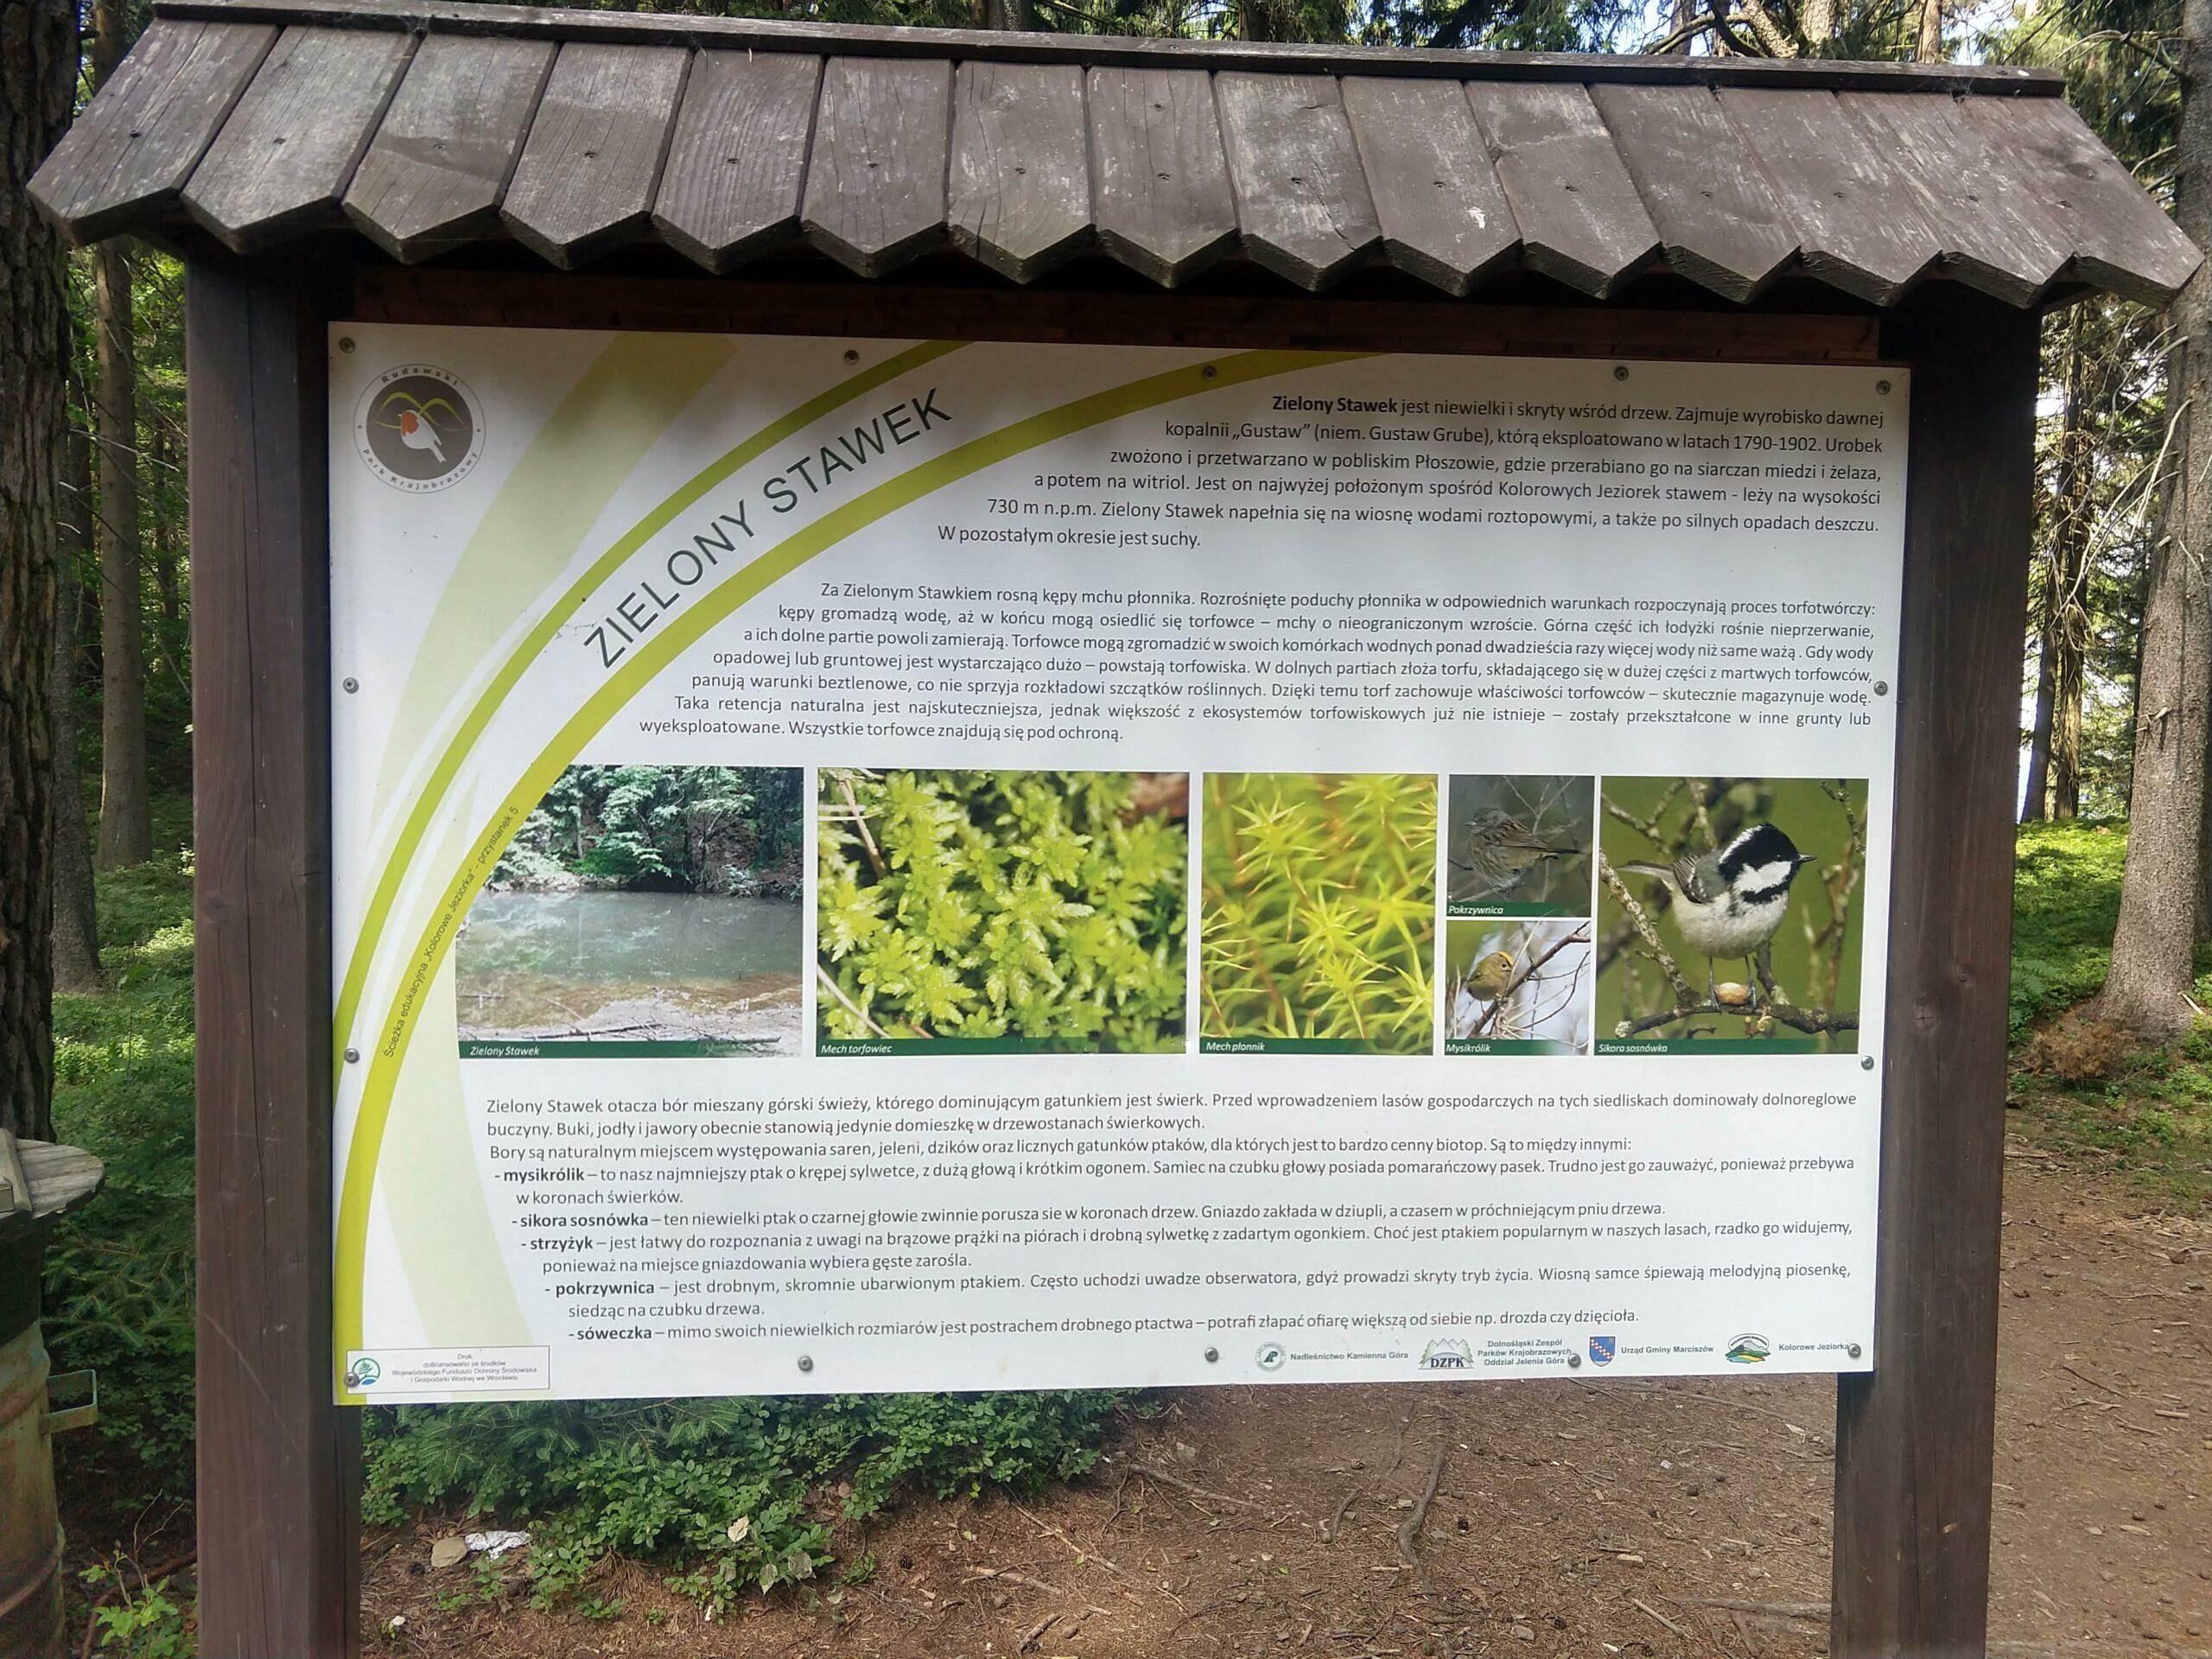 zielony stawek tablica informacyjna